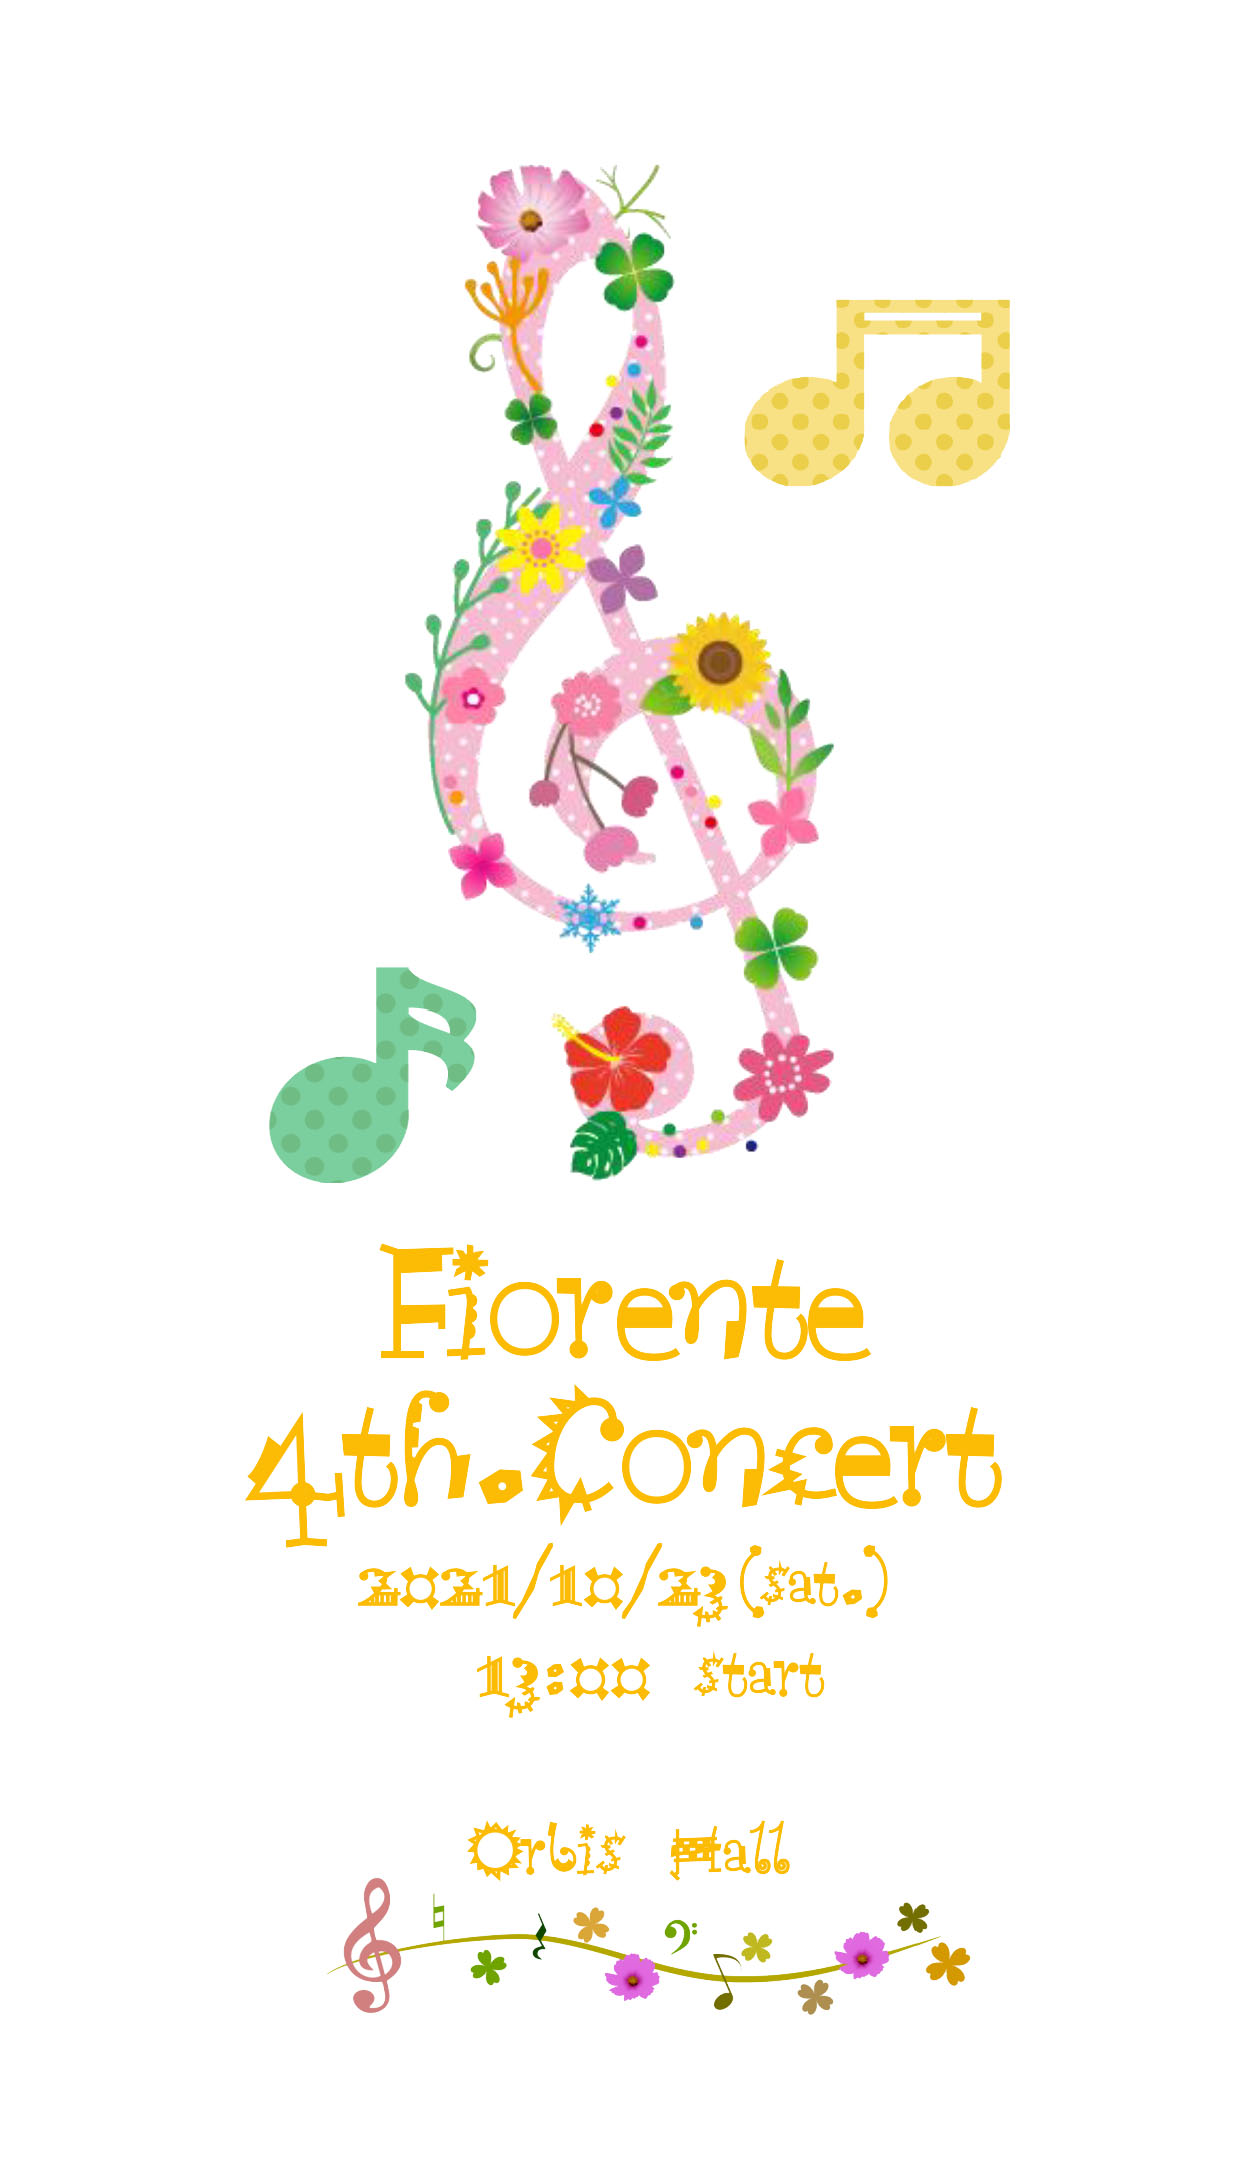 【オルビスホール情報】10/23(土) 「Fiorente 4th Concert」開催!